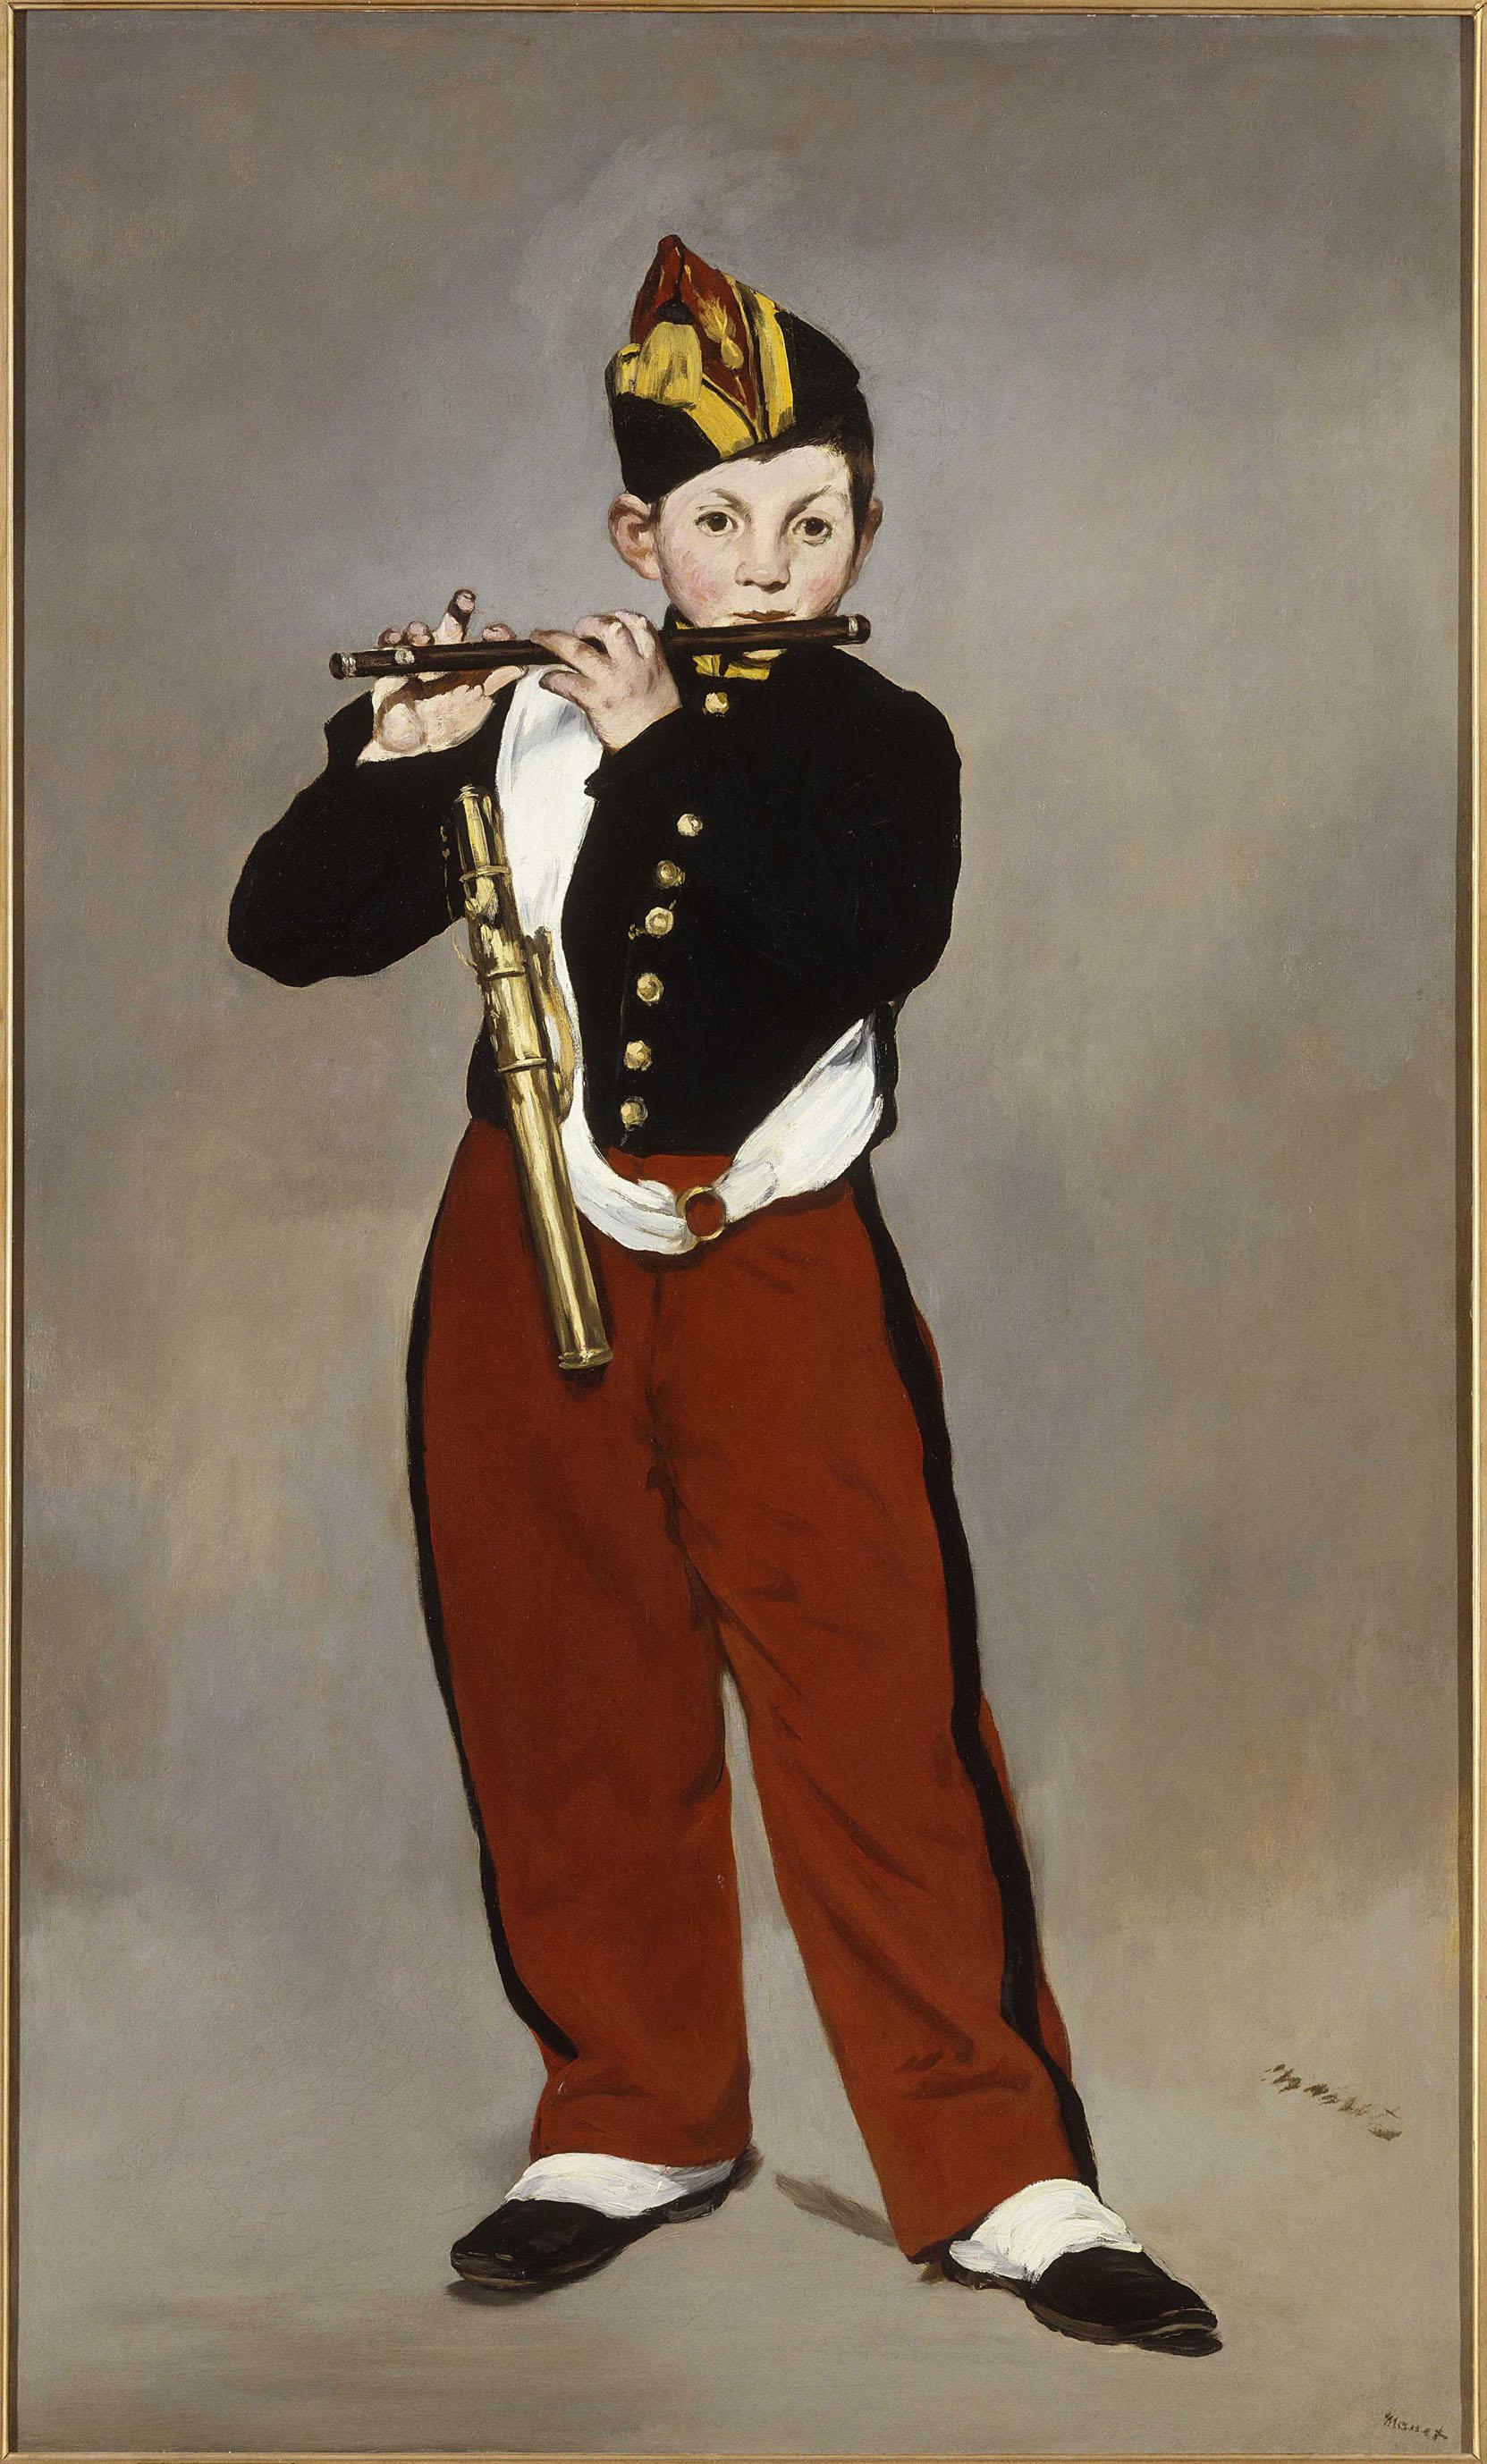 Il pifferaio (1866)